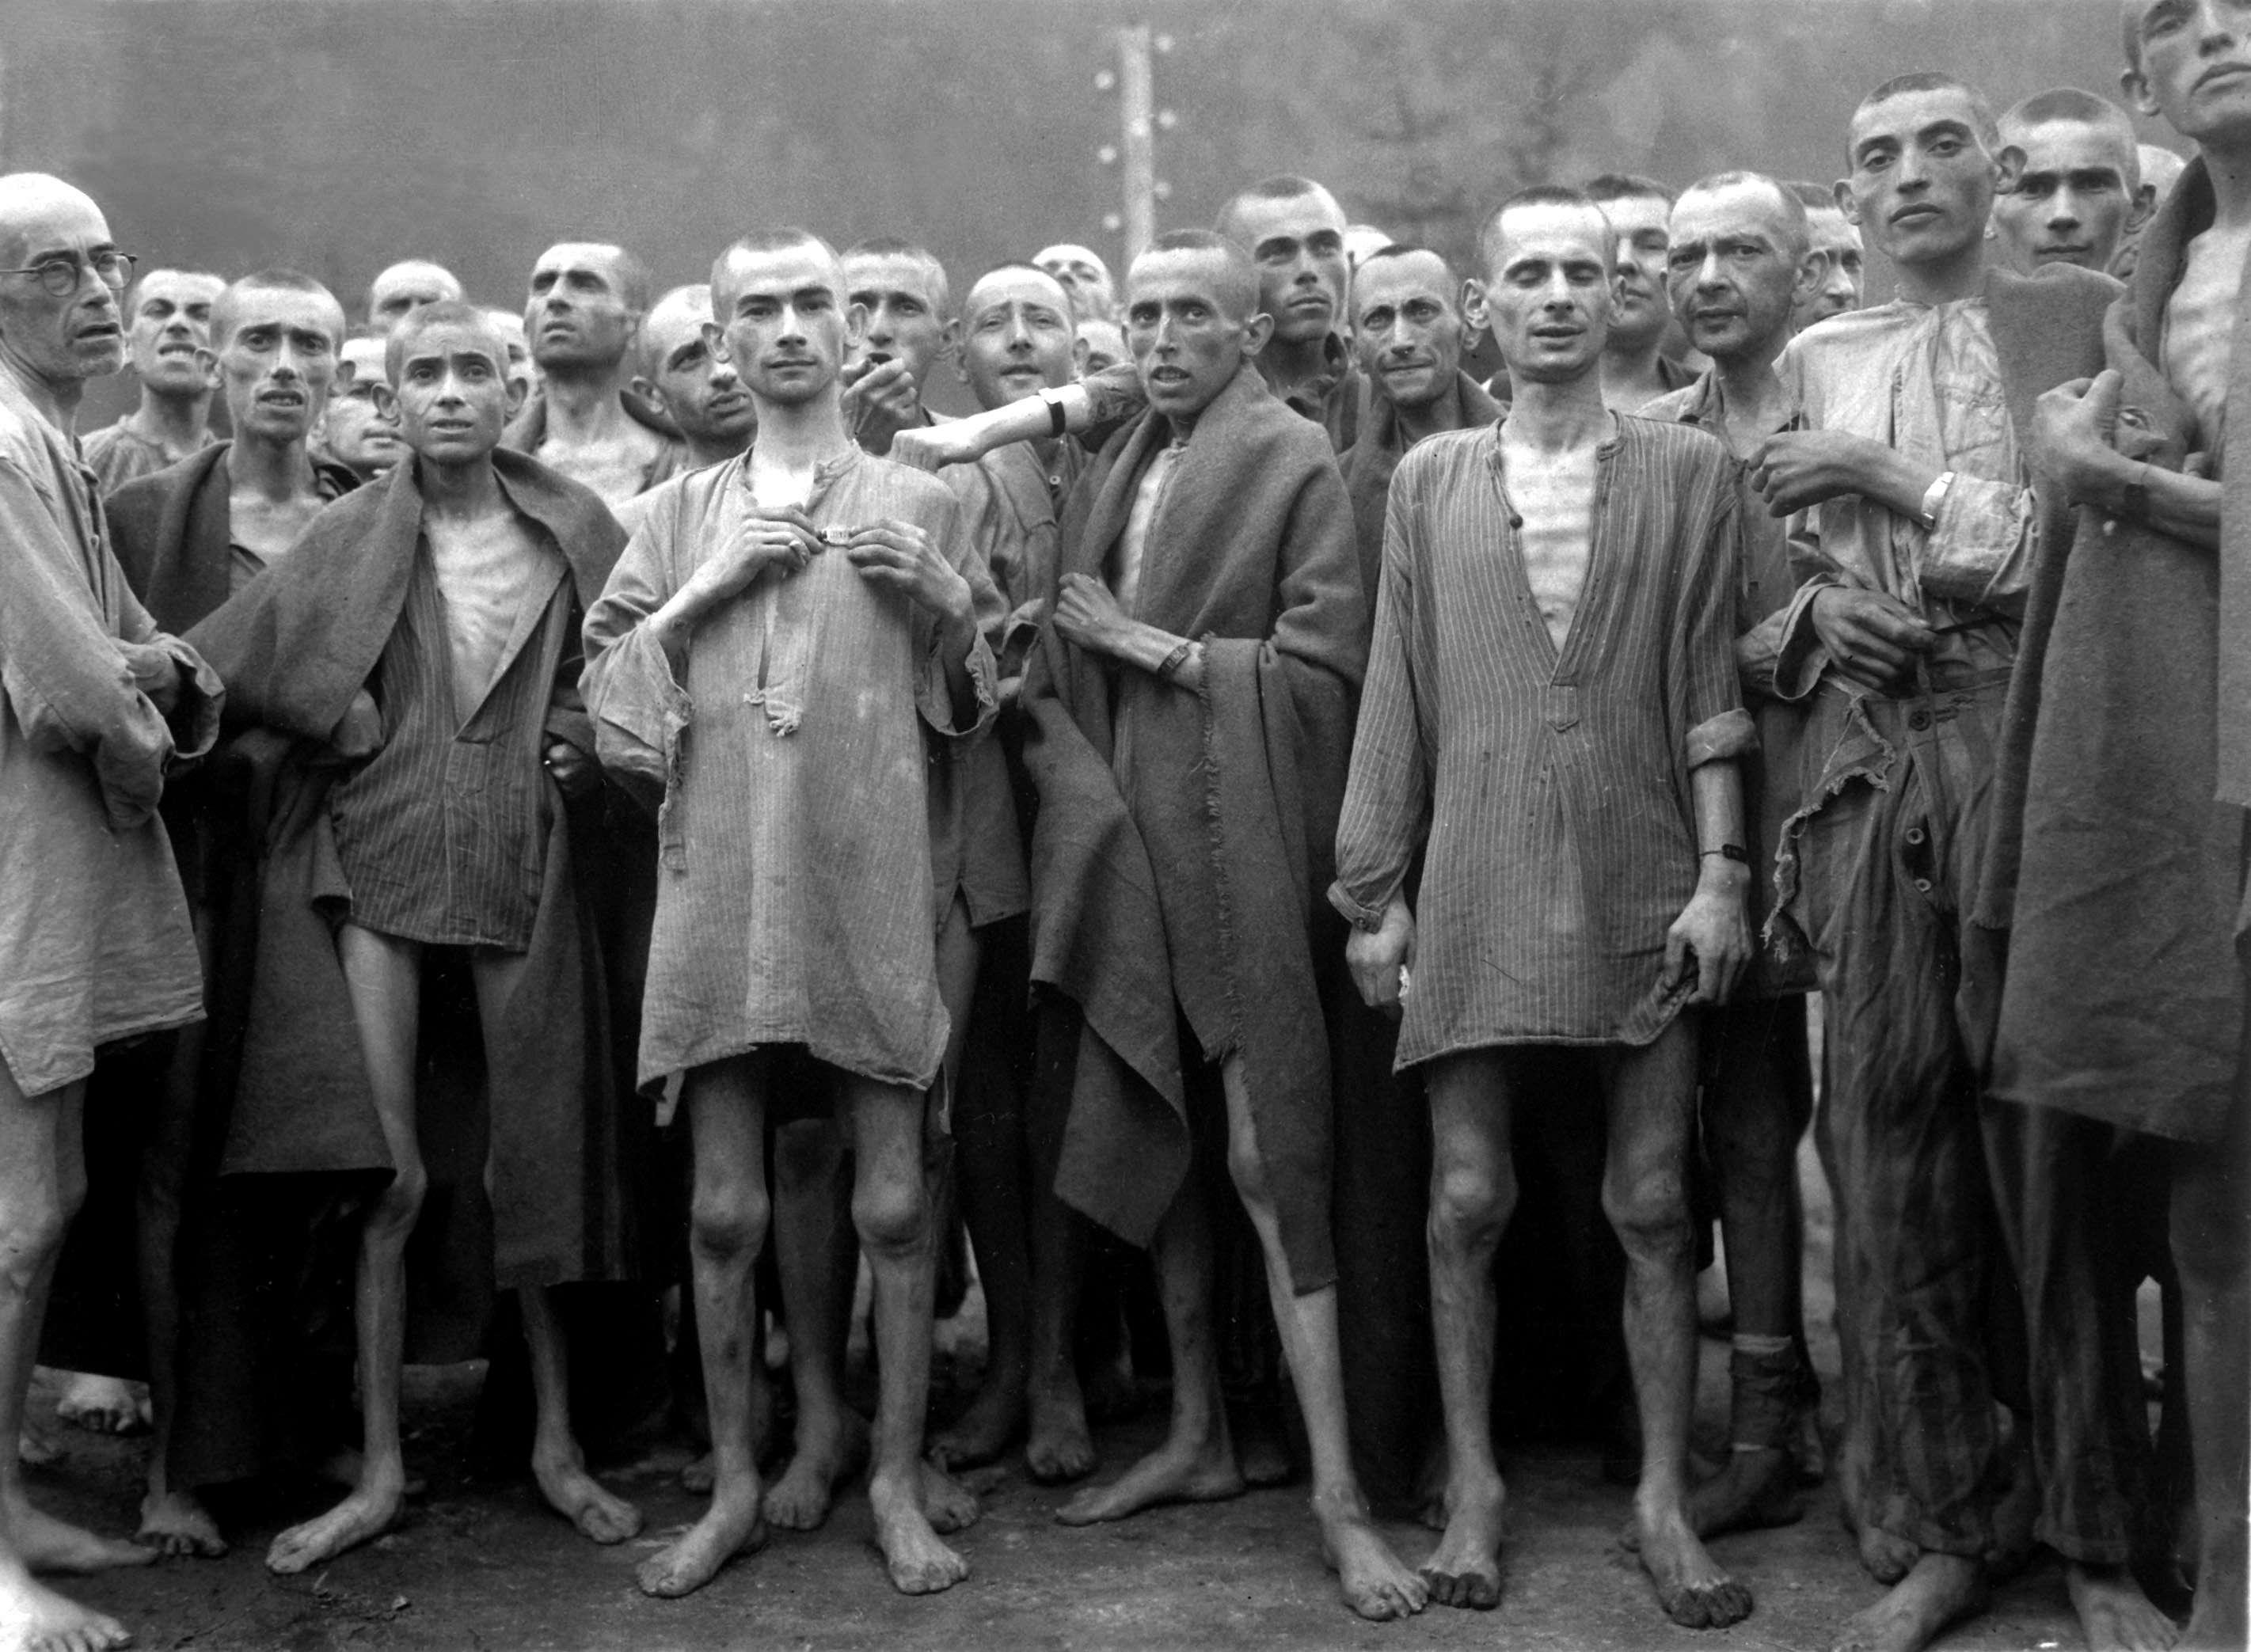 Κρατούμενοι του Έμπενζεε αμέσως μετά την απελευθέρωσή τους